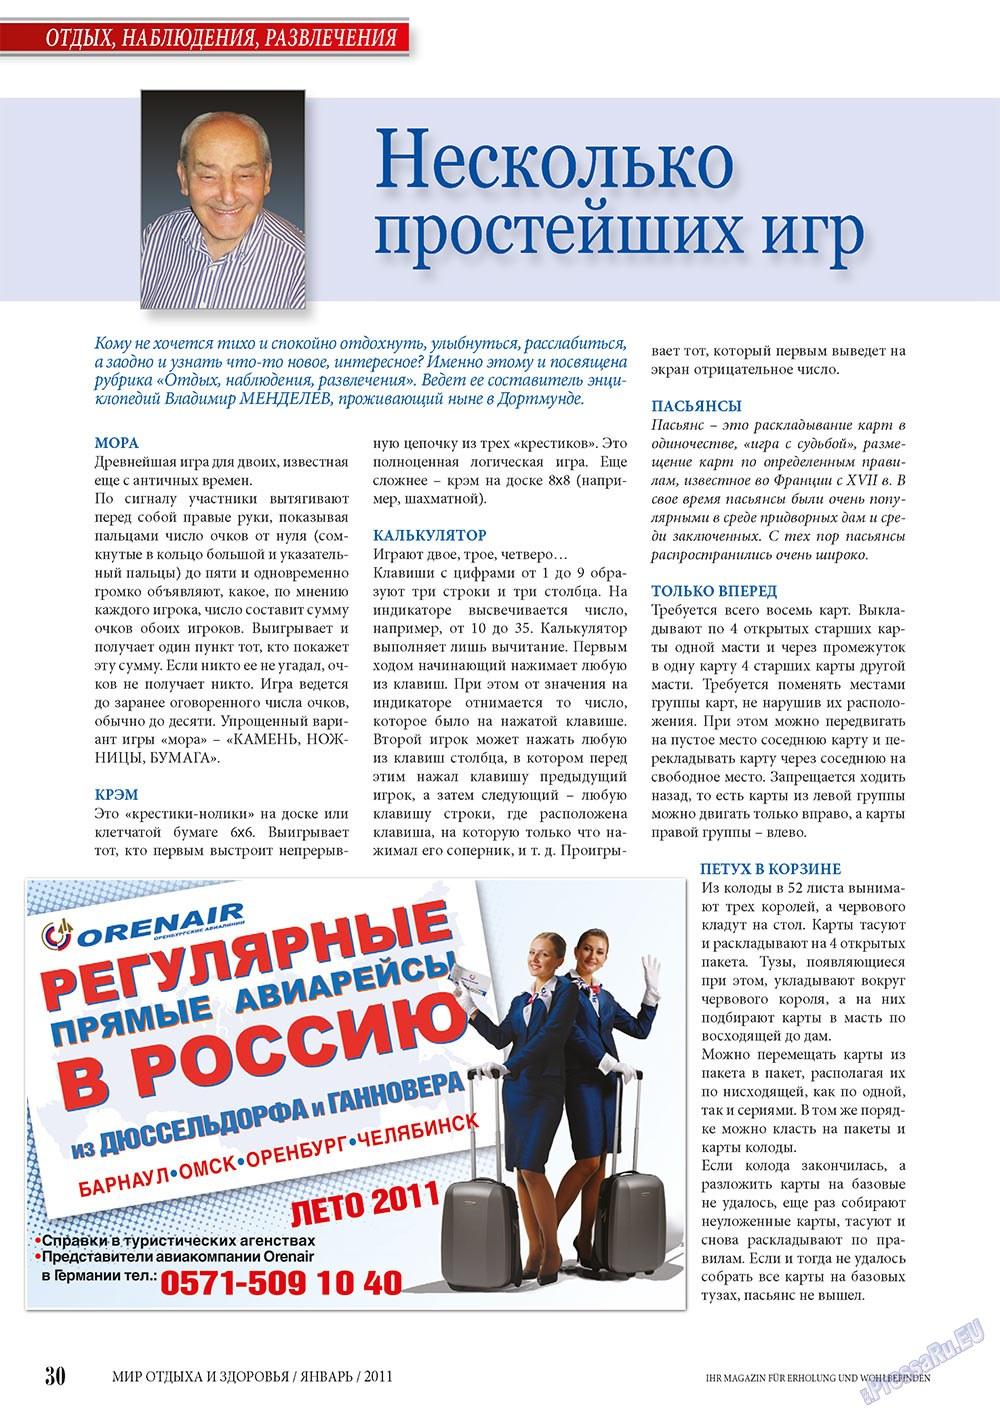 Мир отдыха и здоровья (журнал). 2011 год, номер 1, стр. 30